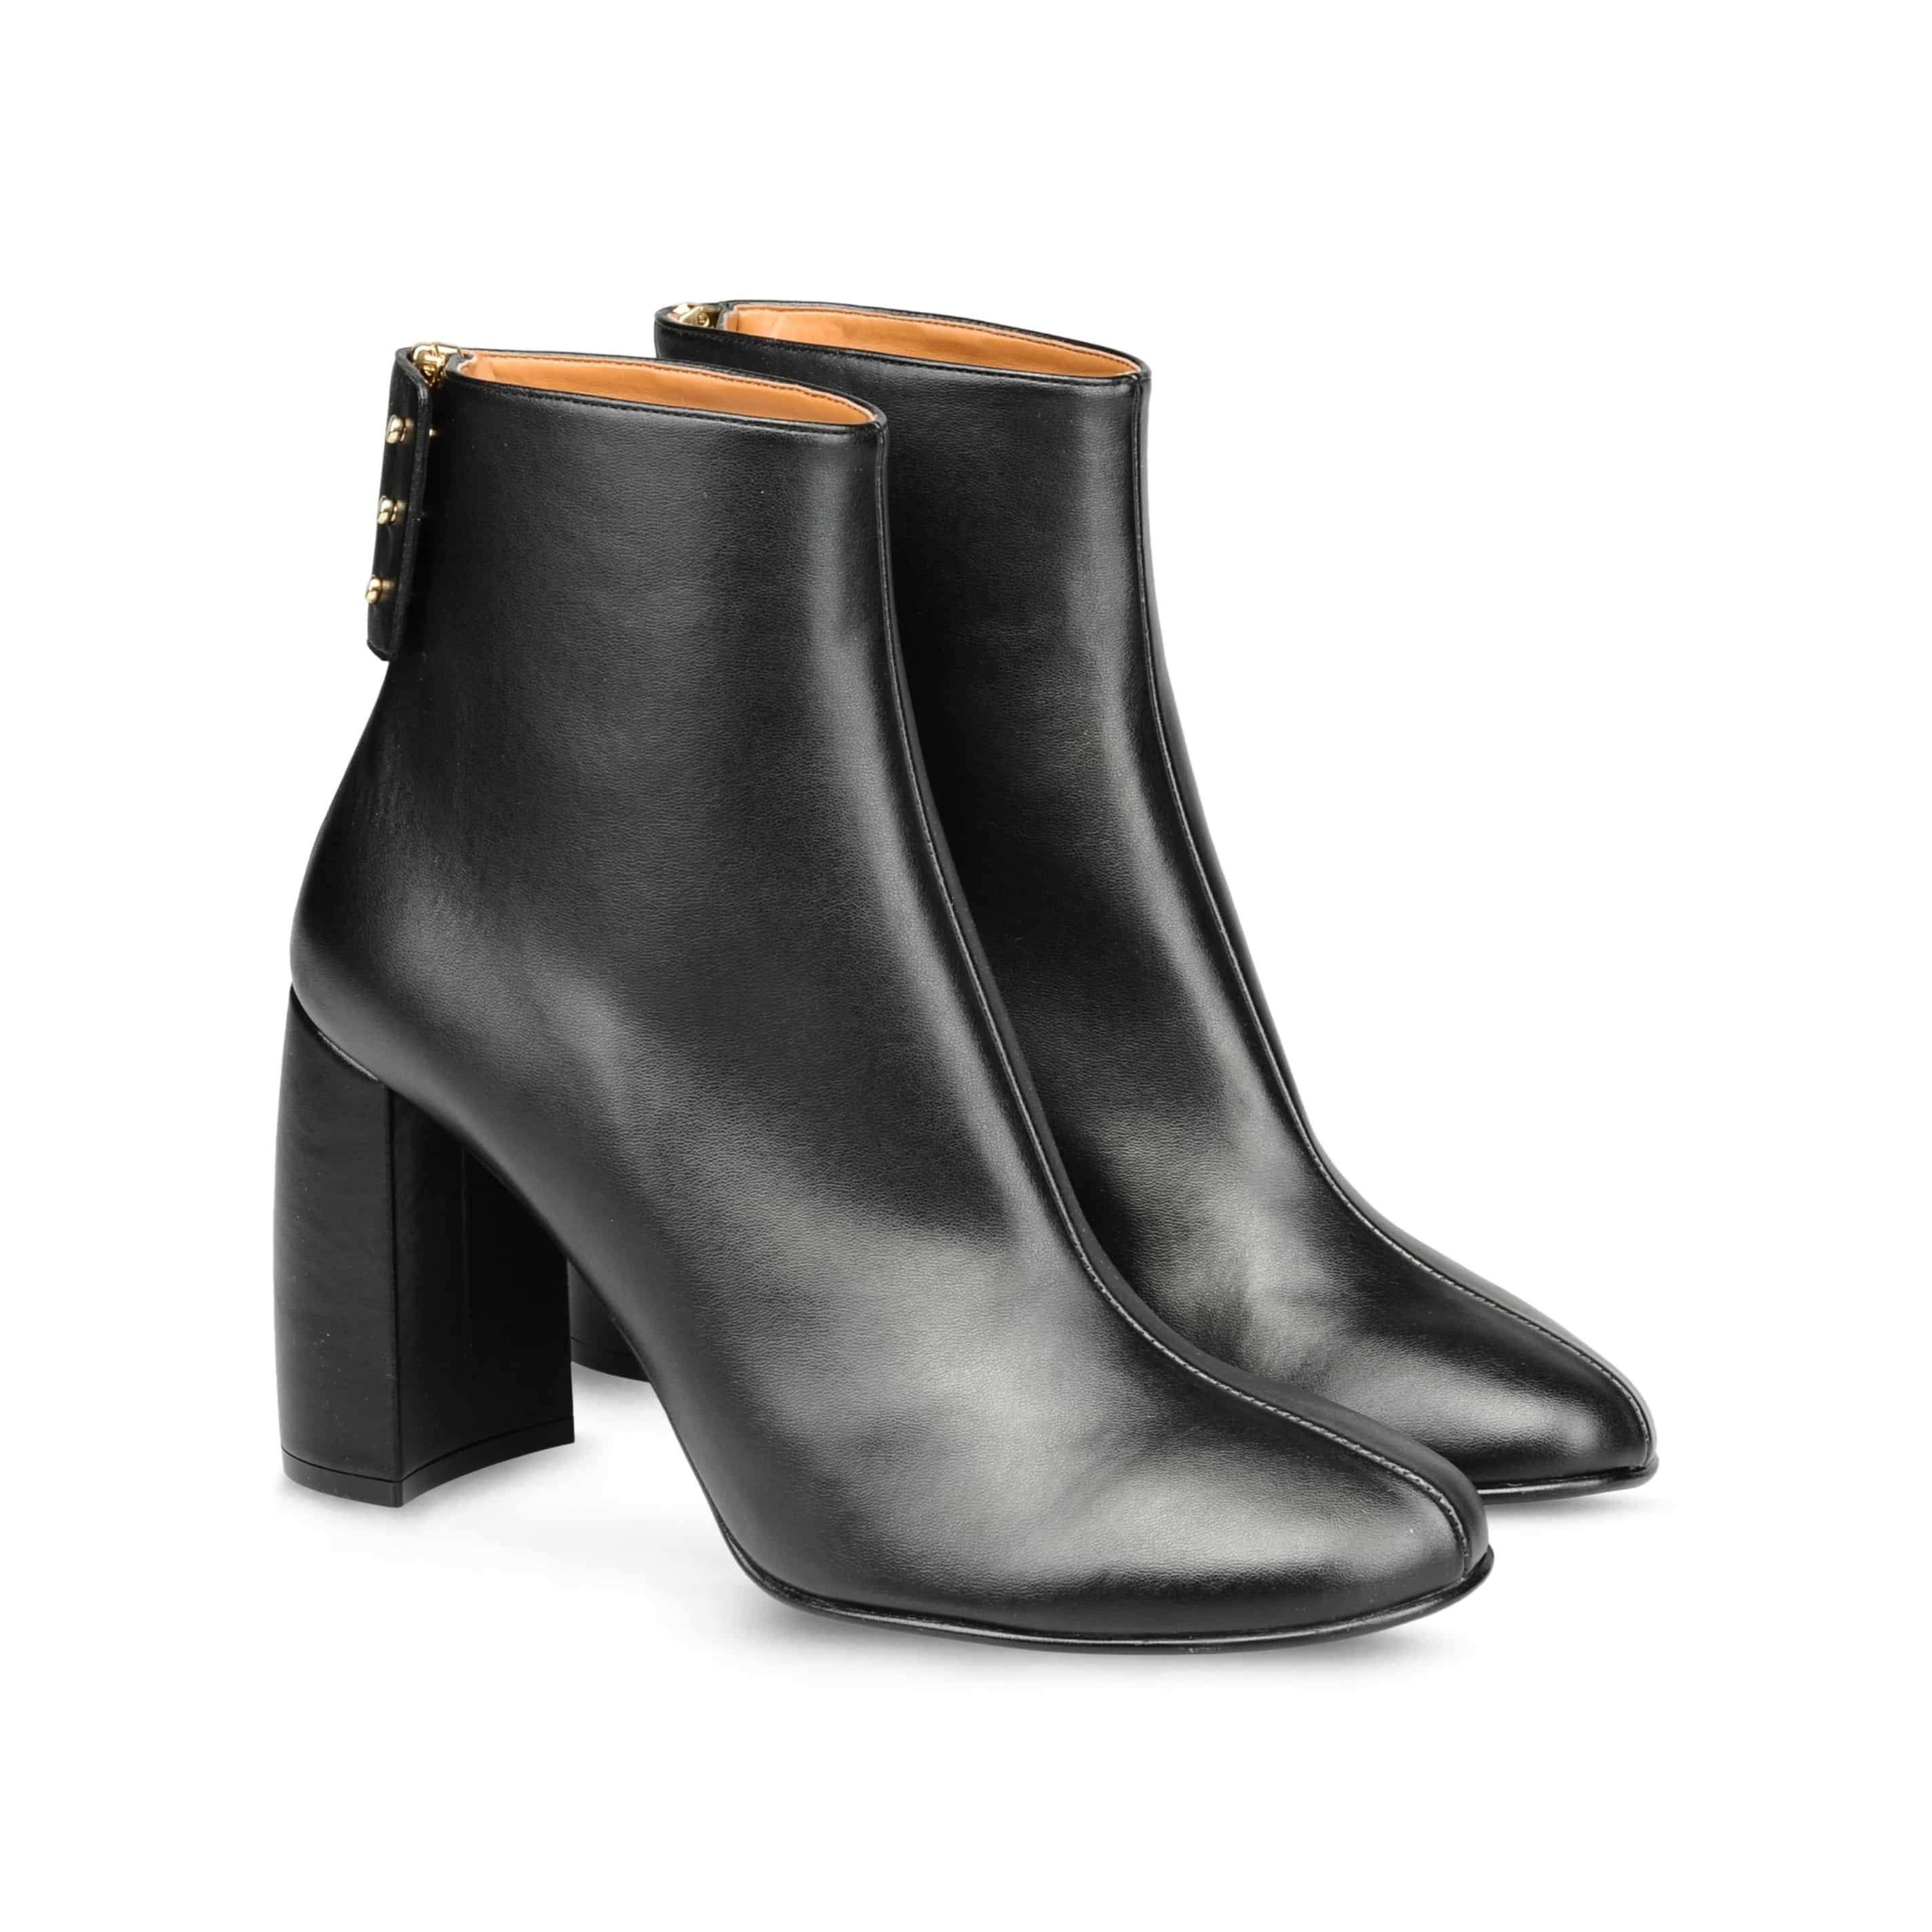 13_Ankle Boots Stella McCartney, tacco a forma di mezzo cilindro e chiusura con zip e bottoni con patta (620 € sullo store online)